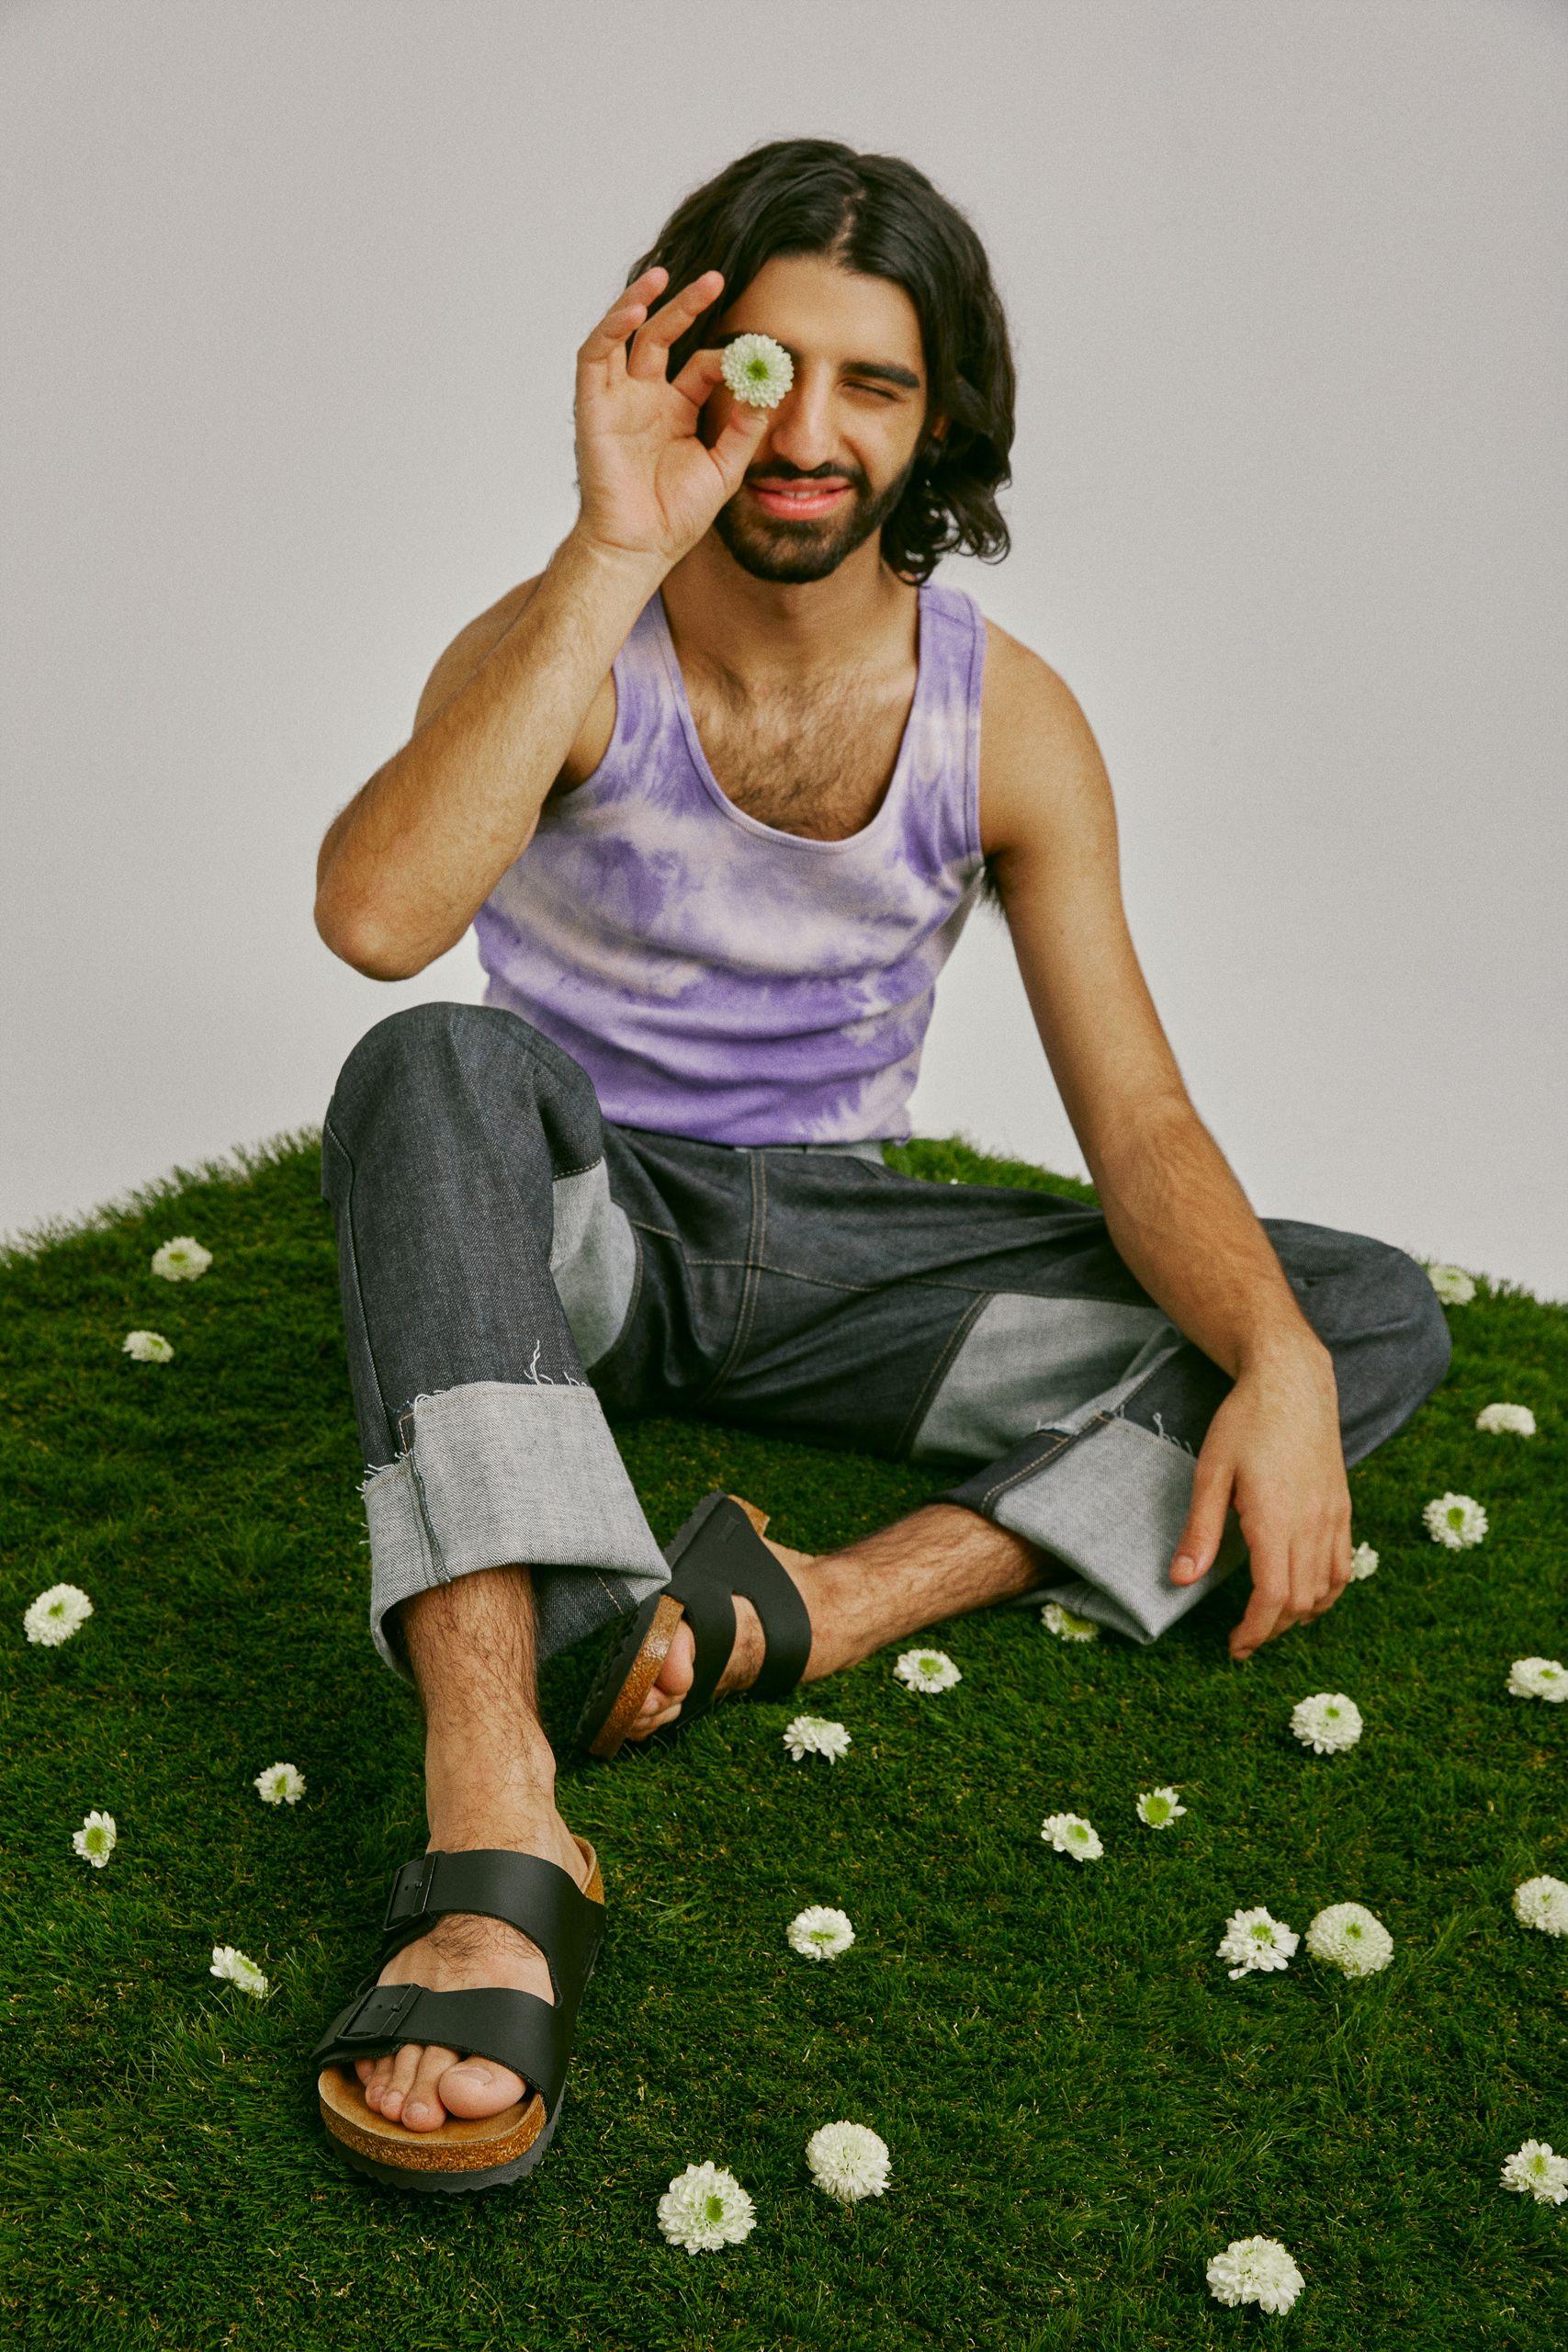 Homme assis sur de la fausse herbe avec des petites fleurs blanches éparpillées autour de lui. Il porte des sandales noires, un jean gris et une camisole lilas. Il tient une fleur devant un œil.